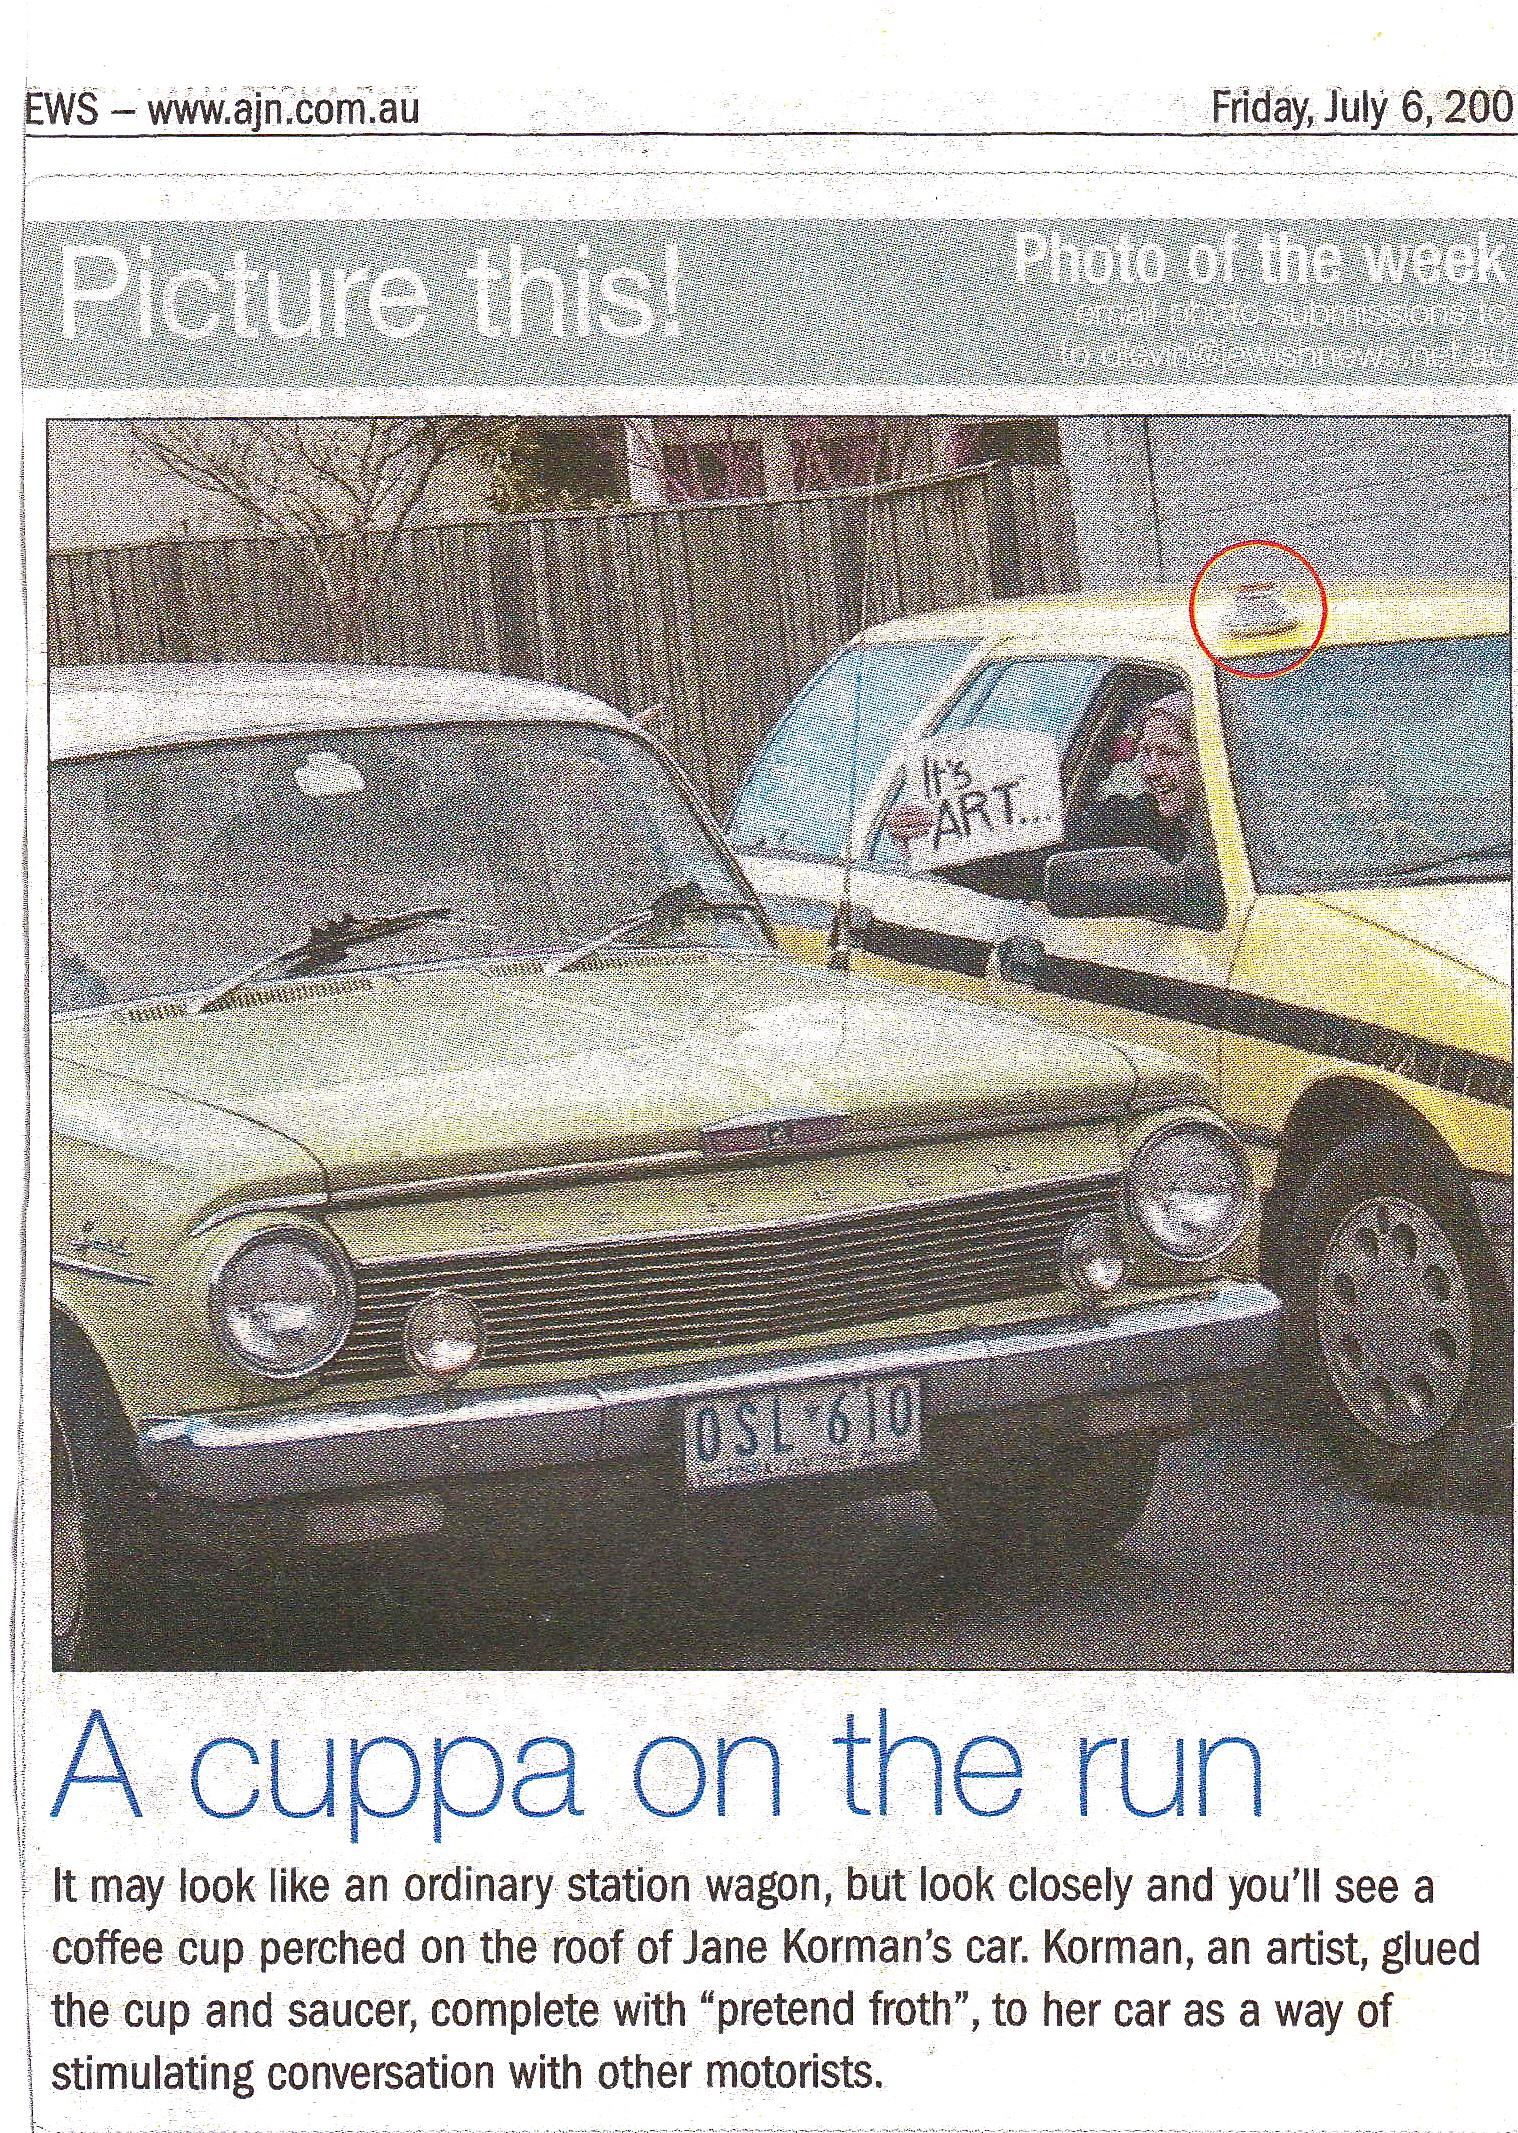 Cuppa on the run